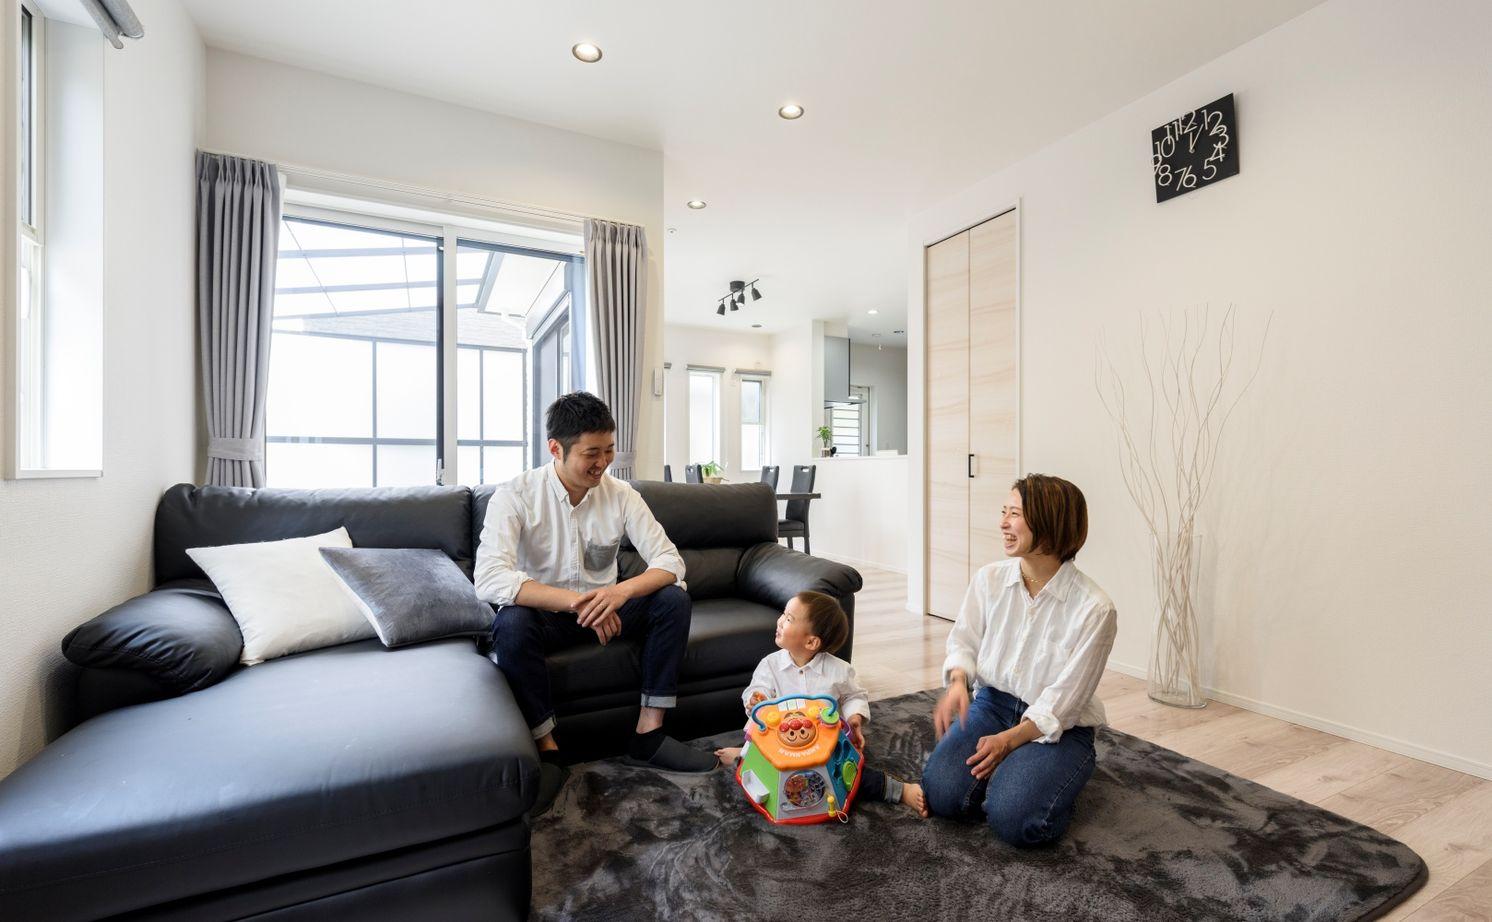 【1700万円台/110.95平米/間取り図あり】暮らし易くシンプルな家を希望  豊富な収納と家事動線に配慮した家画像1